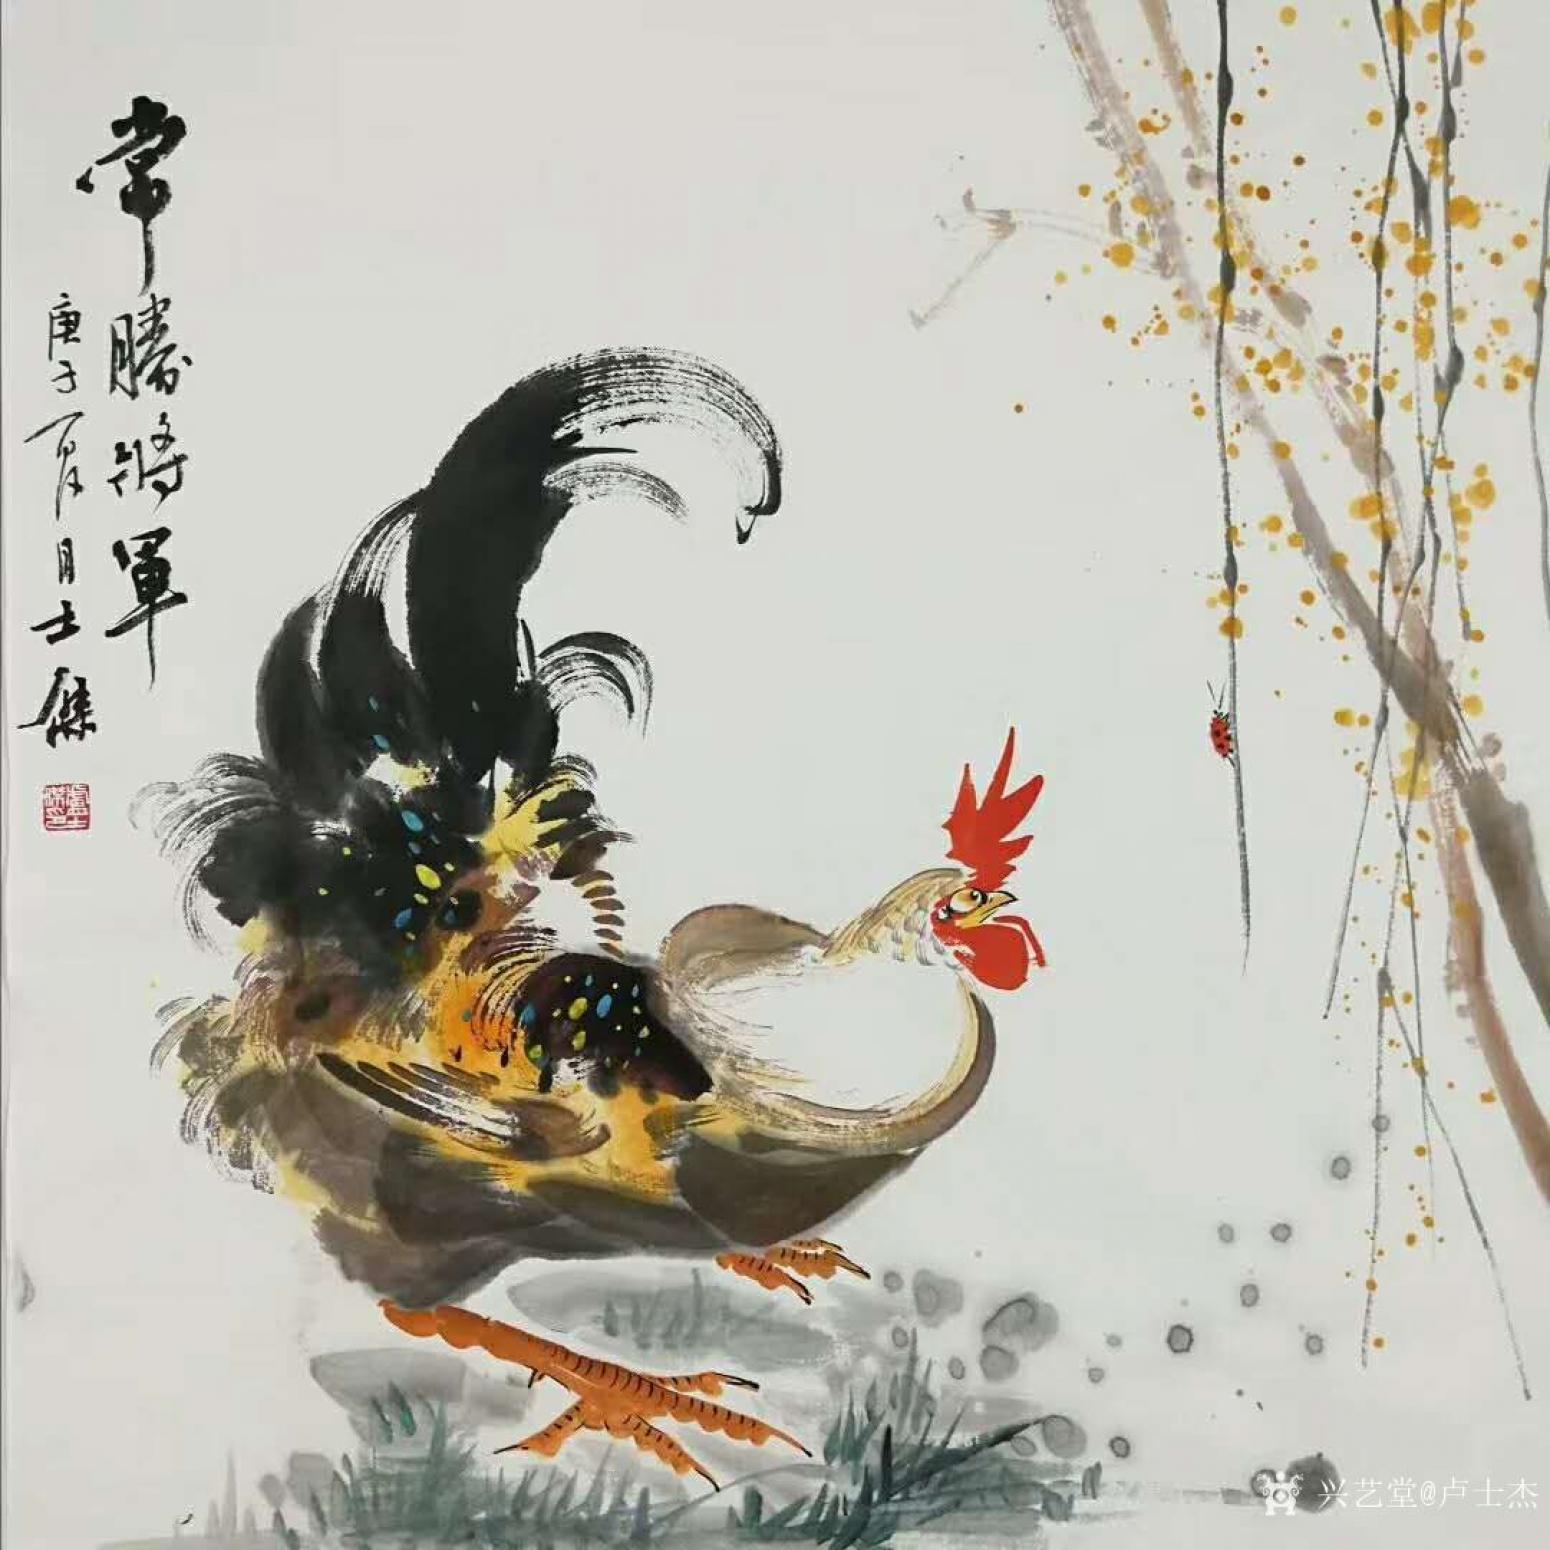 卢士杰国画作品《公鸡-常胜将军2》